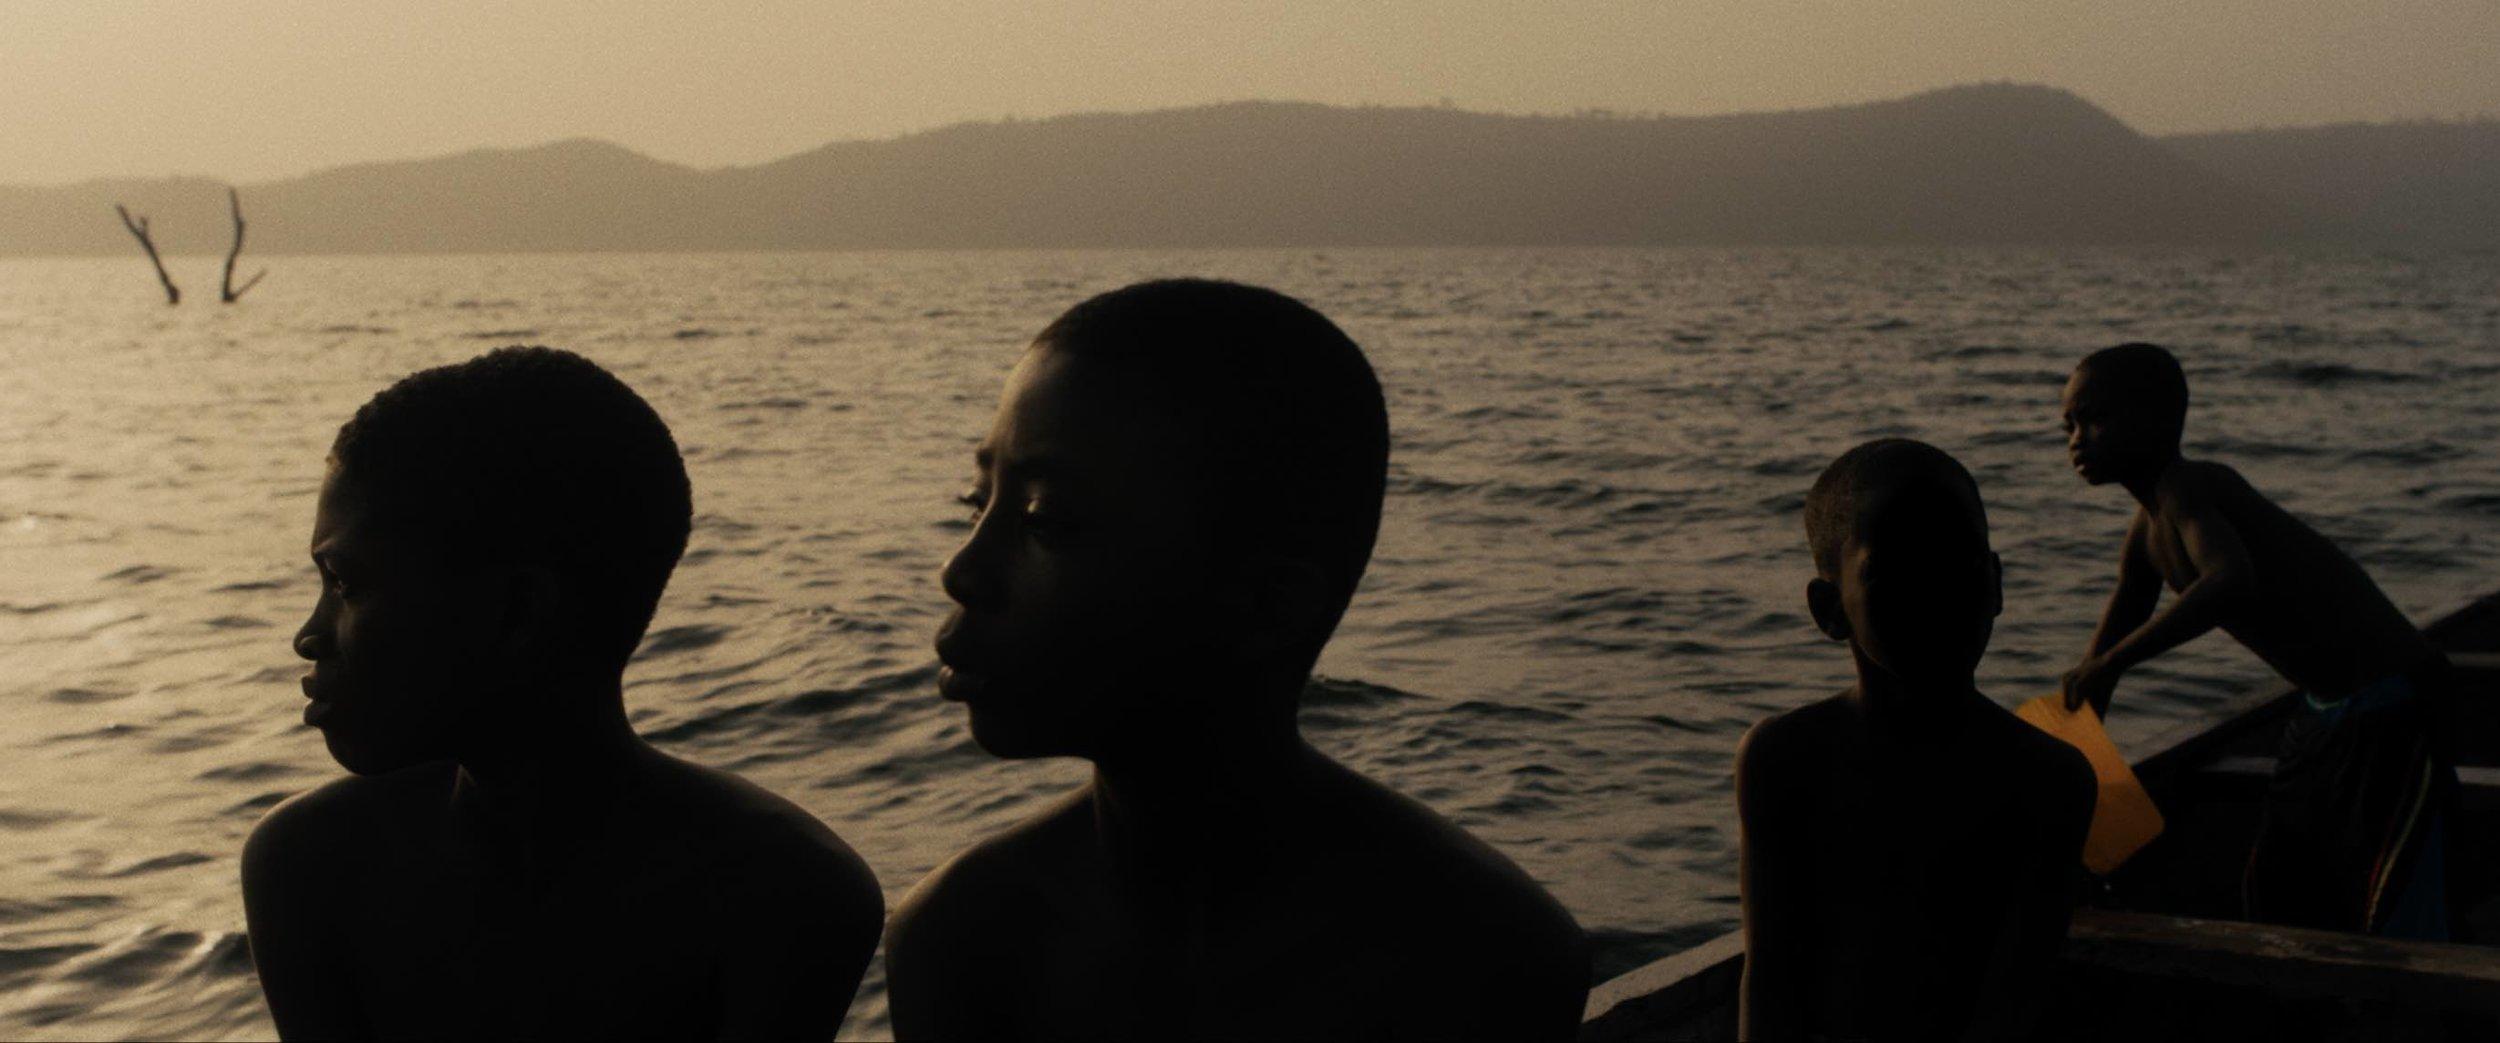 boat boys shadow 2.jpg